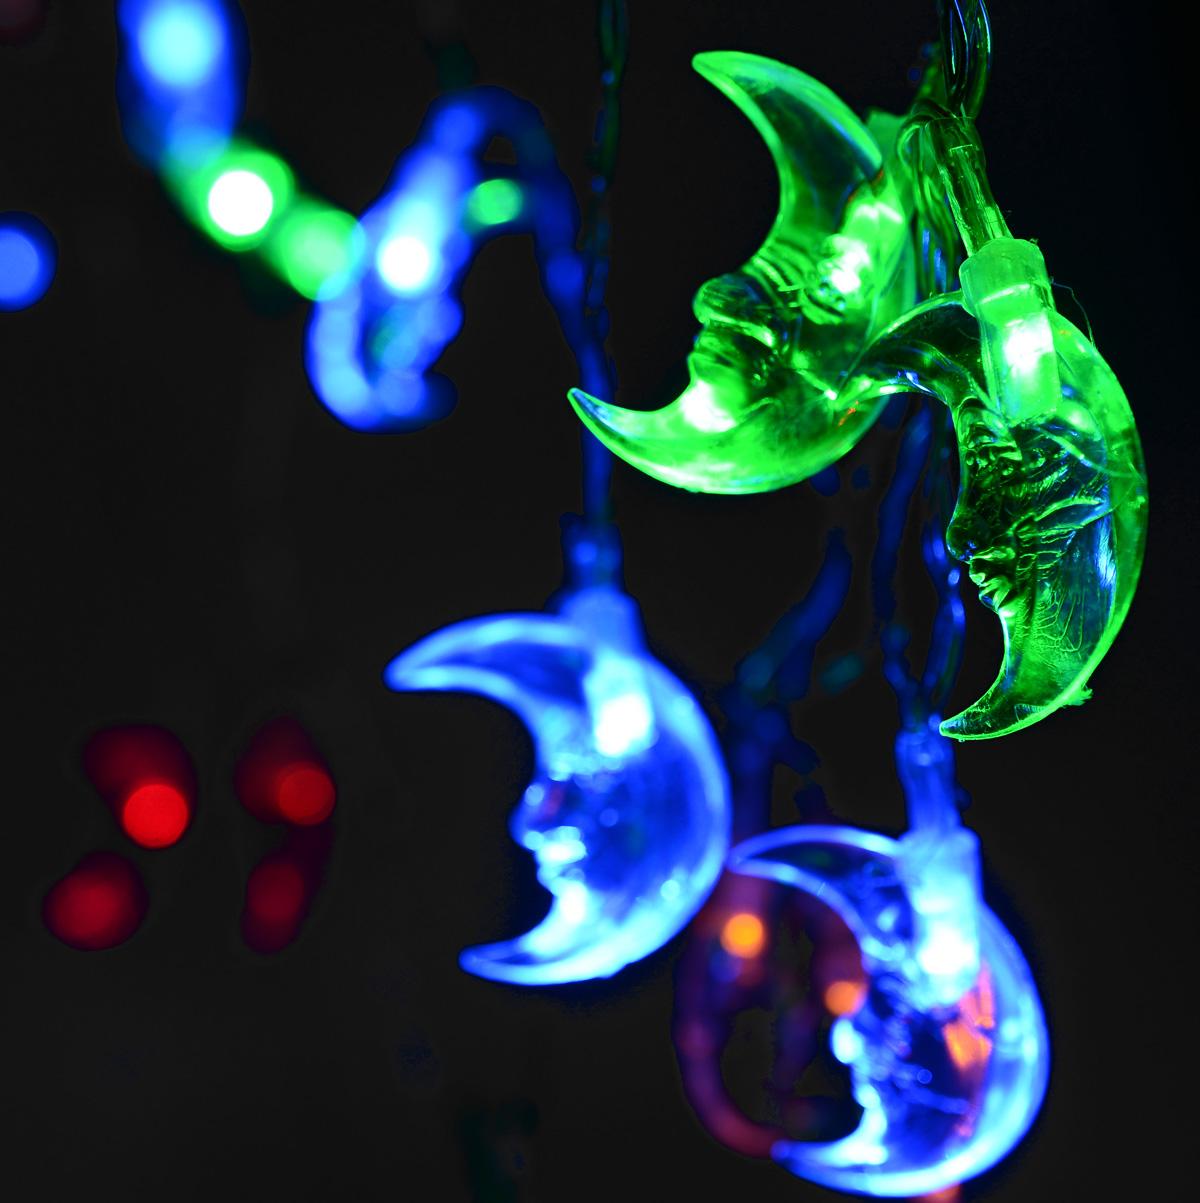 Новогодняя гирлянда Lunten Ranta Месяц, на батарейках, цвет: прозрачный, длина 2,8 м66415Новогодняя гирлянда Lunten Ranta Месяц украсит интерьер вашего дома или офиса в преддверии Нового года. Изделие изготовлено из пластика и металла, оснащено 20 LED лампами. Гирлянда работает на 3 батарейках типа АА (1,5 V) (не входят в комплект). Предназначена для использования внутри помещения. Оригинальный дизайн и красочное исполнение создадут праздничное настроение. Откройте для себя удивительный мир сказок и грез. Почувствуйте волшебные минуты ожидания праздника, создайте новогоднее настроение вашим дорогим и близким. Количество ламп: 20 шт. Длина гирлянды: 2,8 м.